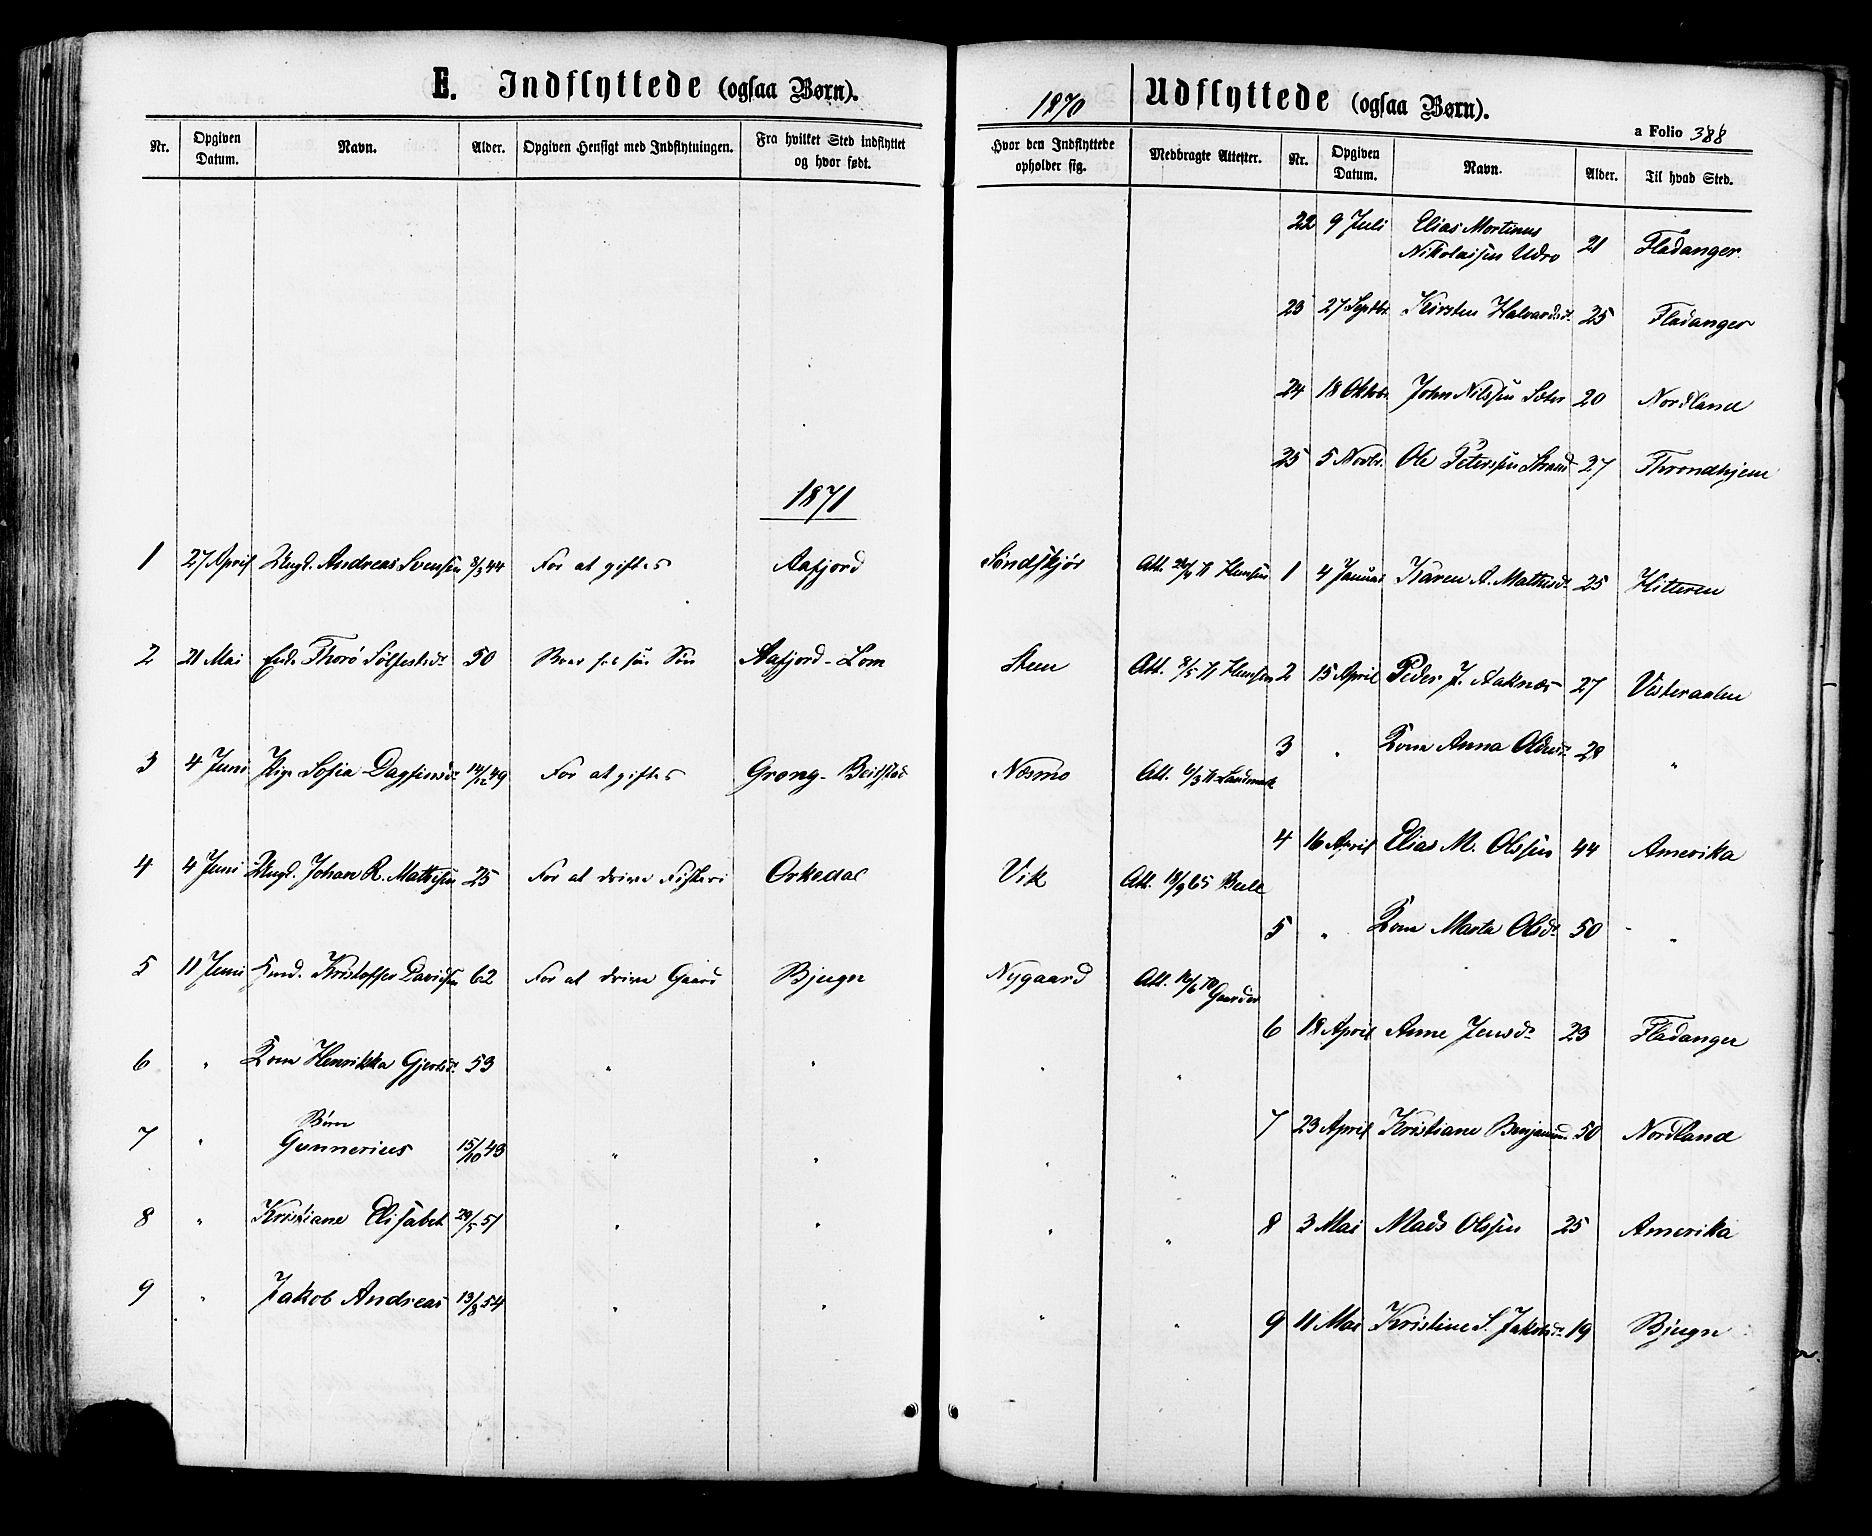 SAT, Ministerialprotokoller, klokkerbøker og fødselsregistre - Sør-Trøndelag, 657/L0706: Ministerialbok nr. 657A07, 1867-1878, s. 388